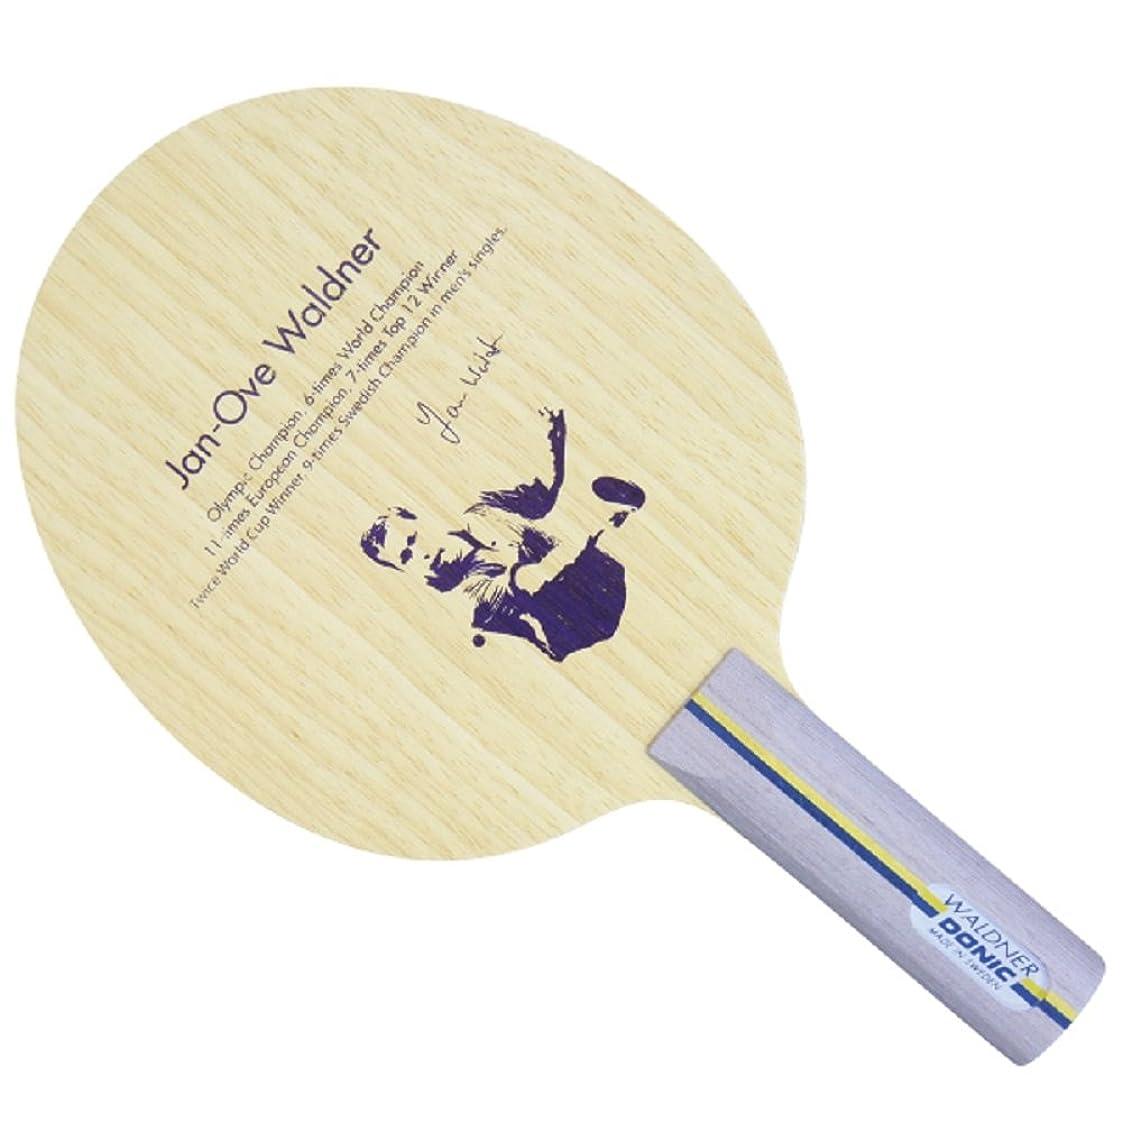 上回るコールド満足させるDONIC(ドニック) 卓球 ラケット J.O.ワルドナー OFF